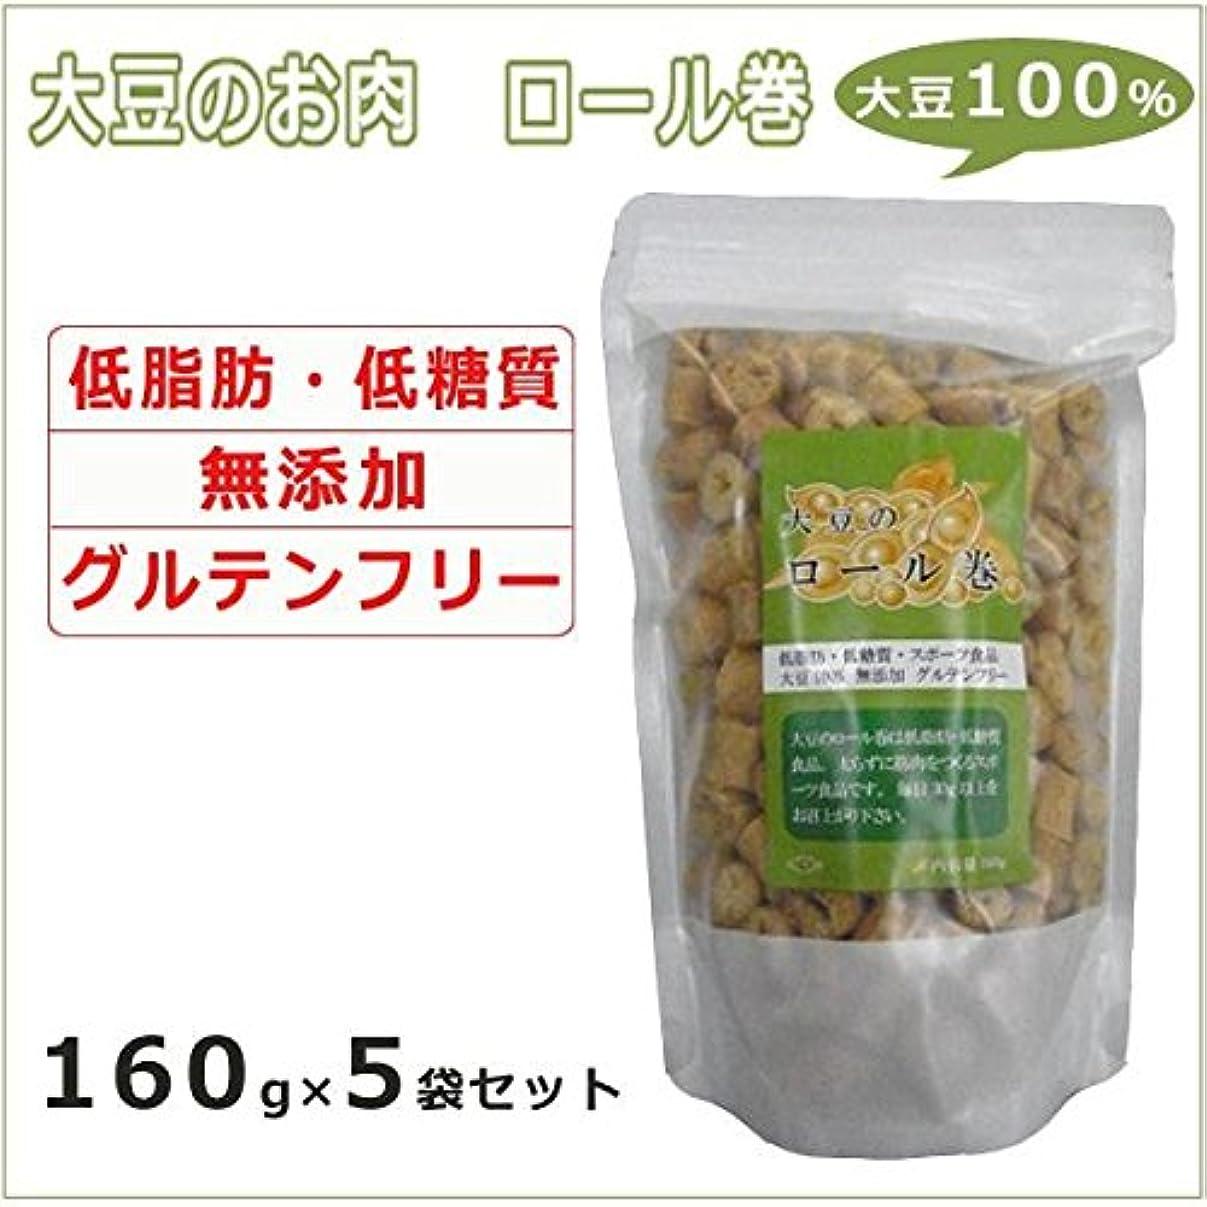 弱い混雑領域大豆のお肉 ソイミート ロール巻 160g×5袋